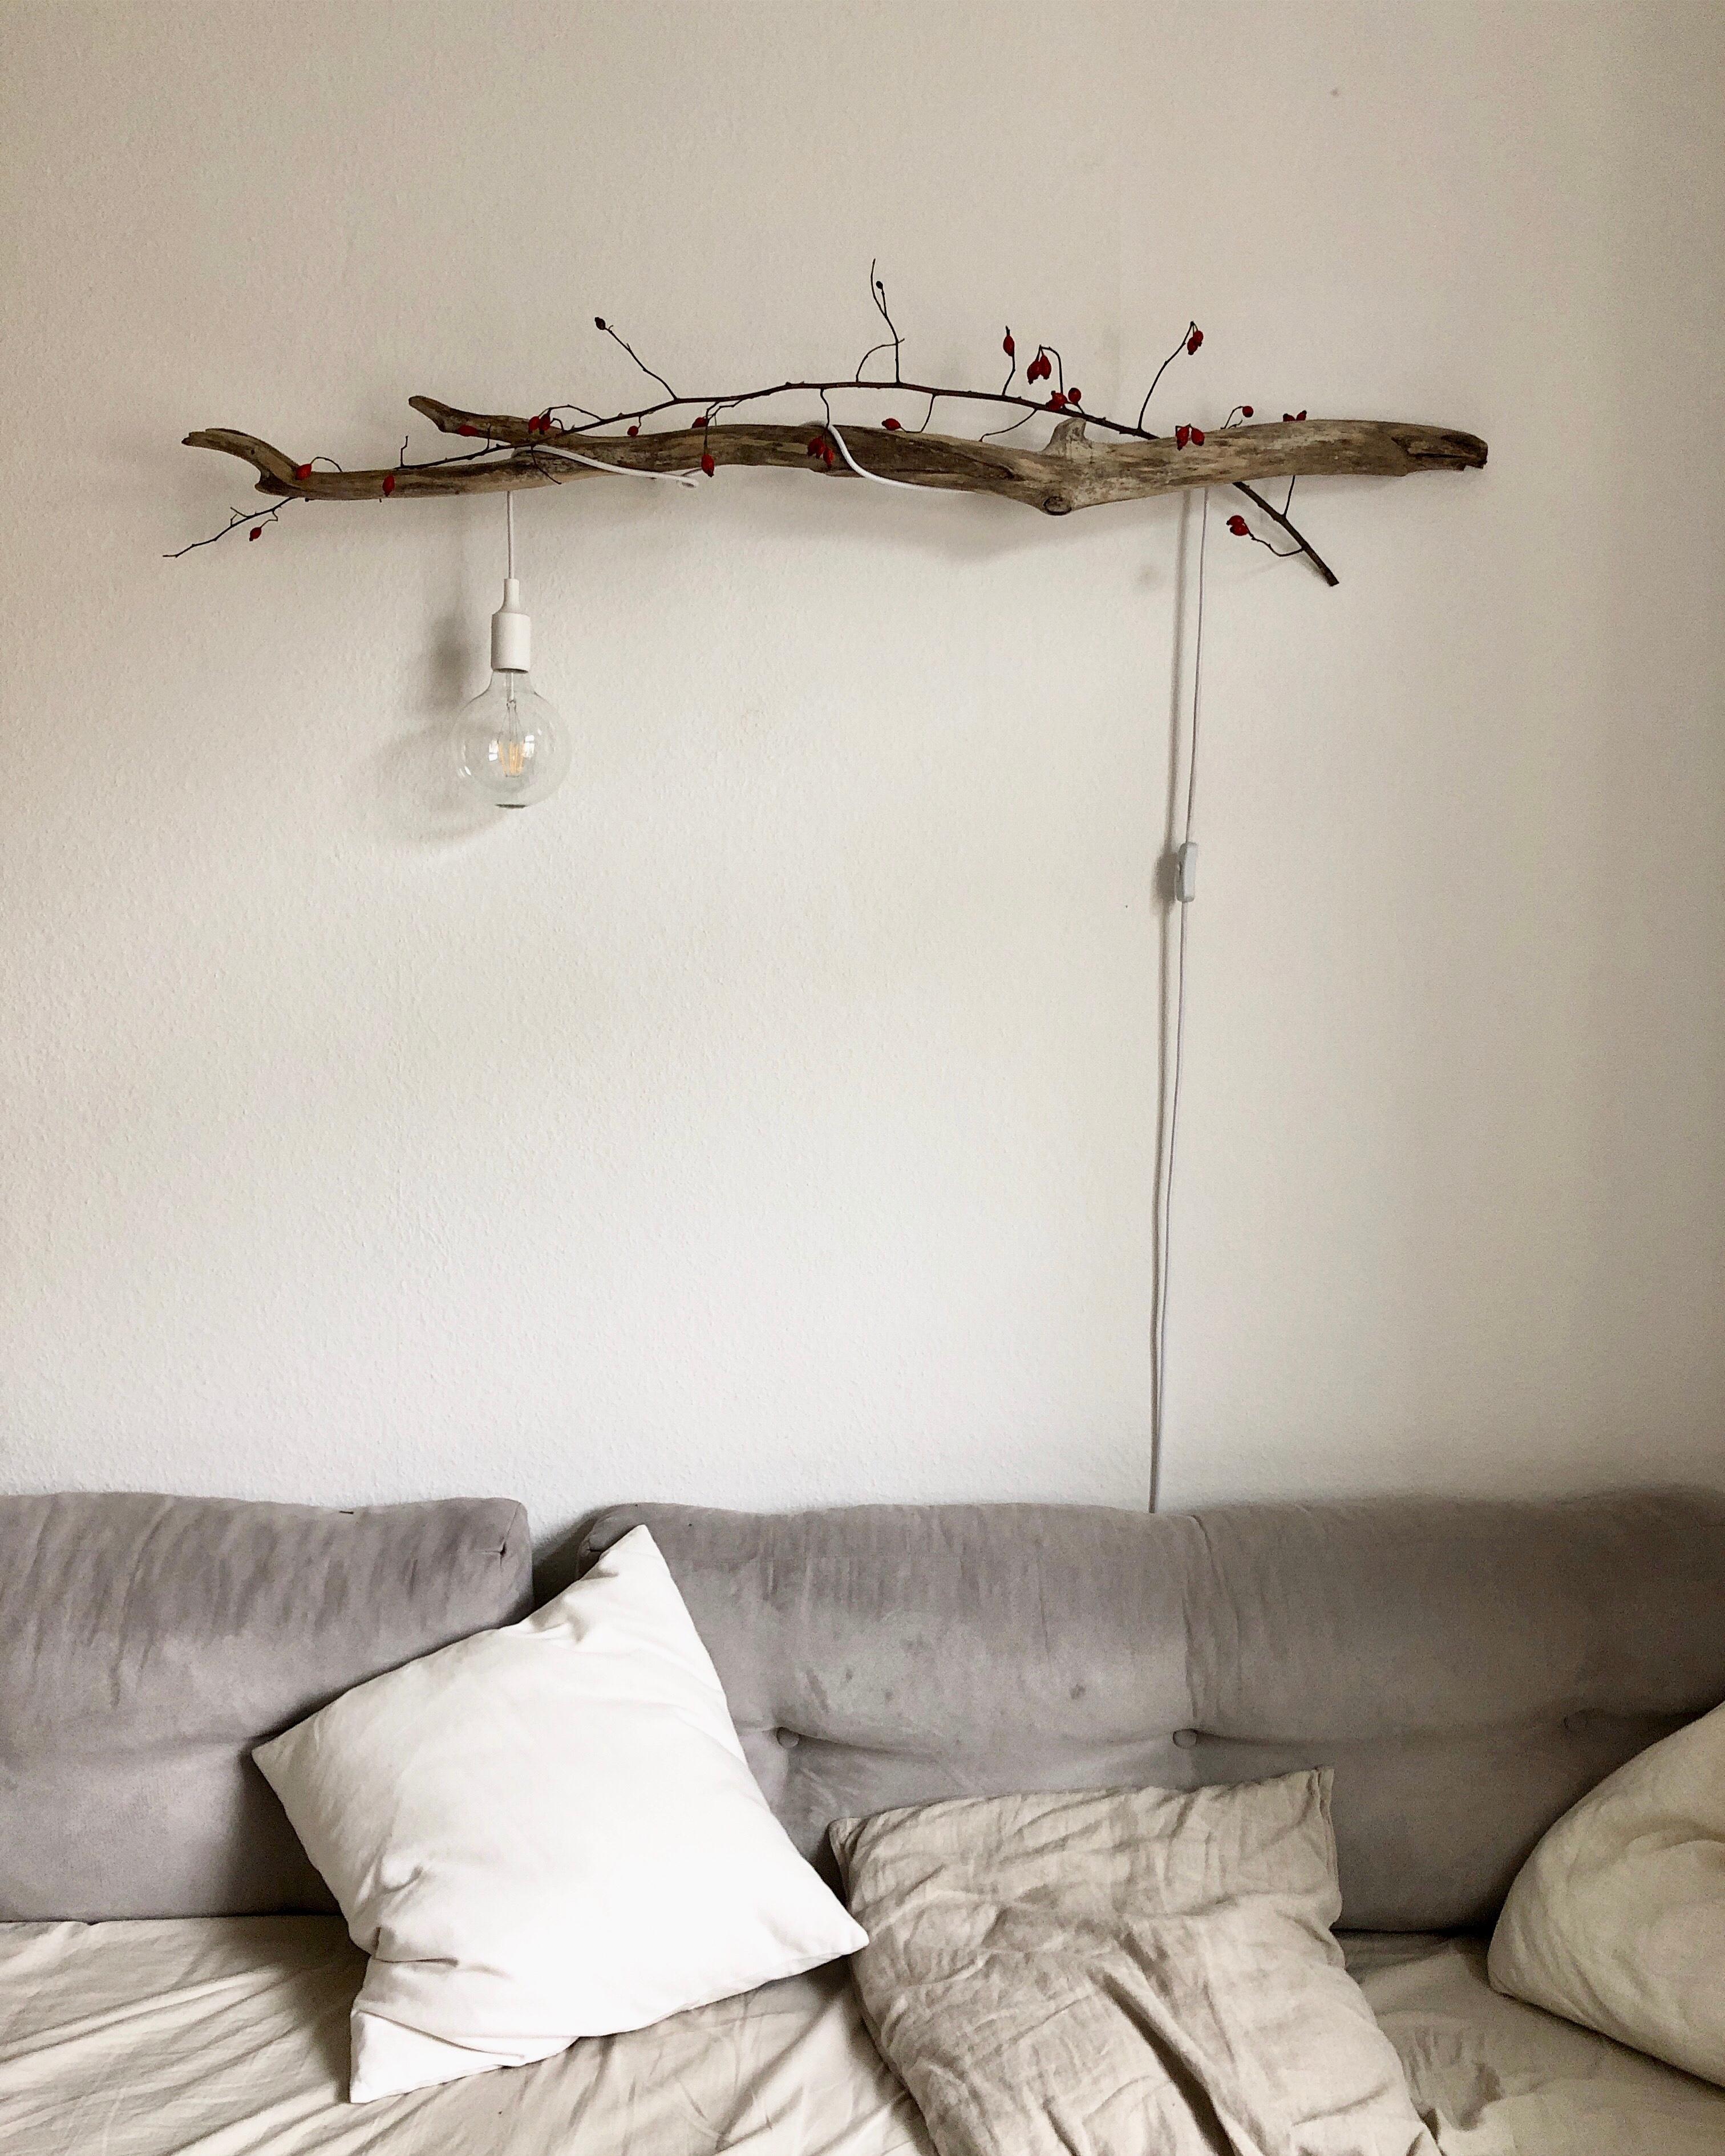 Unsere #treibholzlampe im #wohnzimmer. #diy #lampe